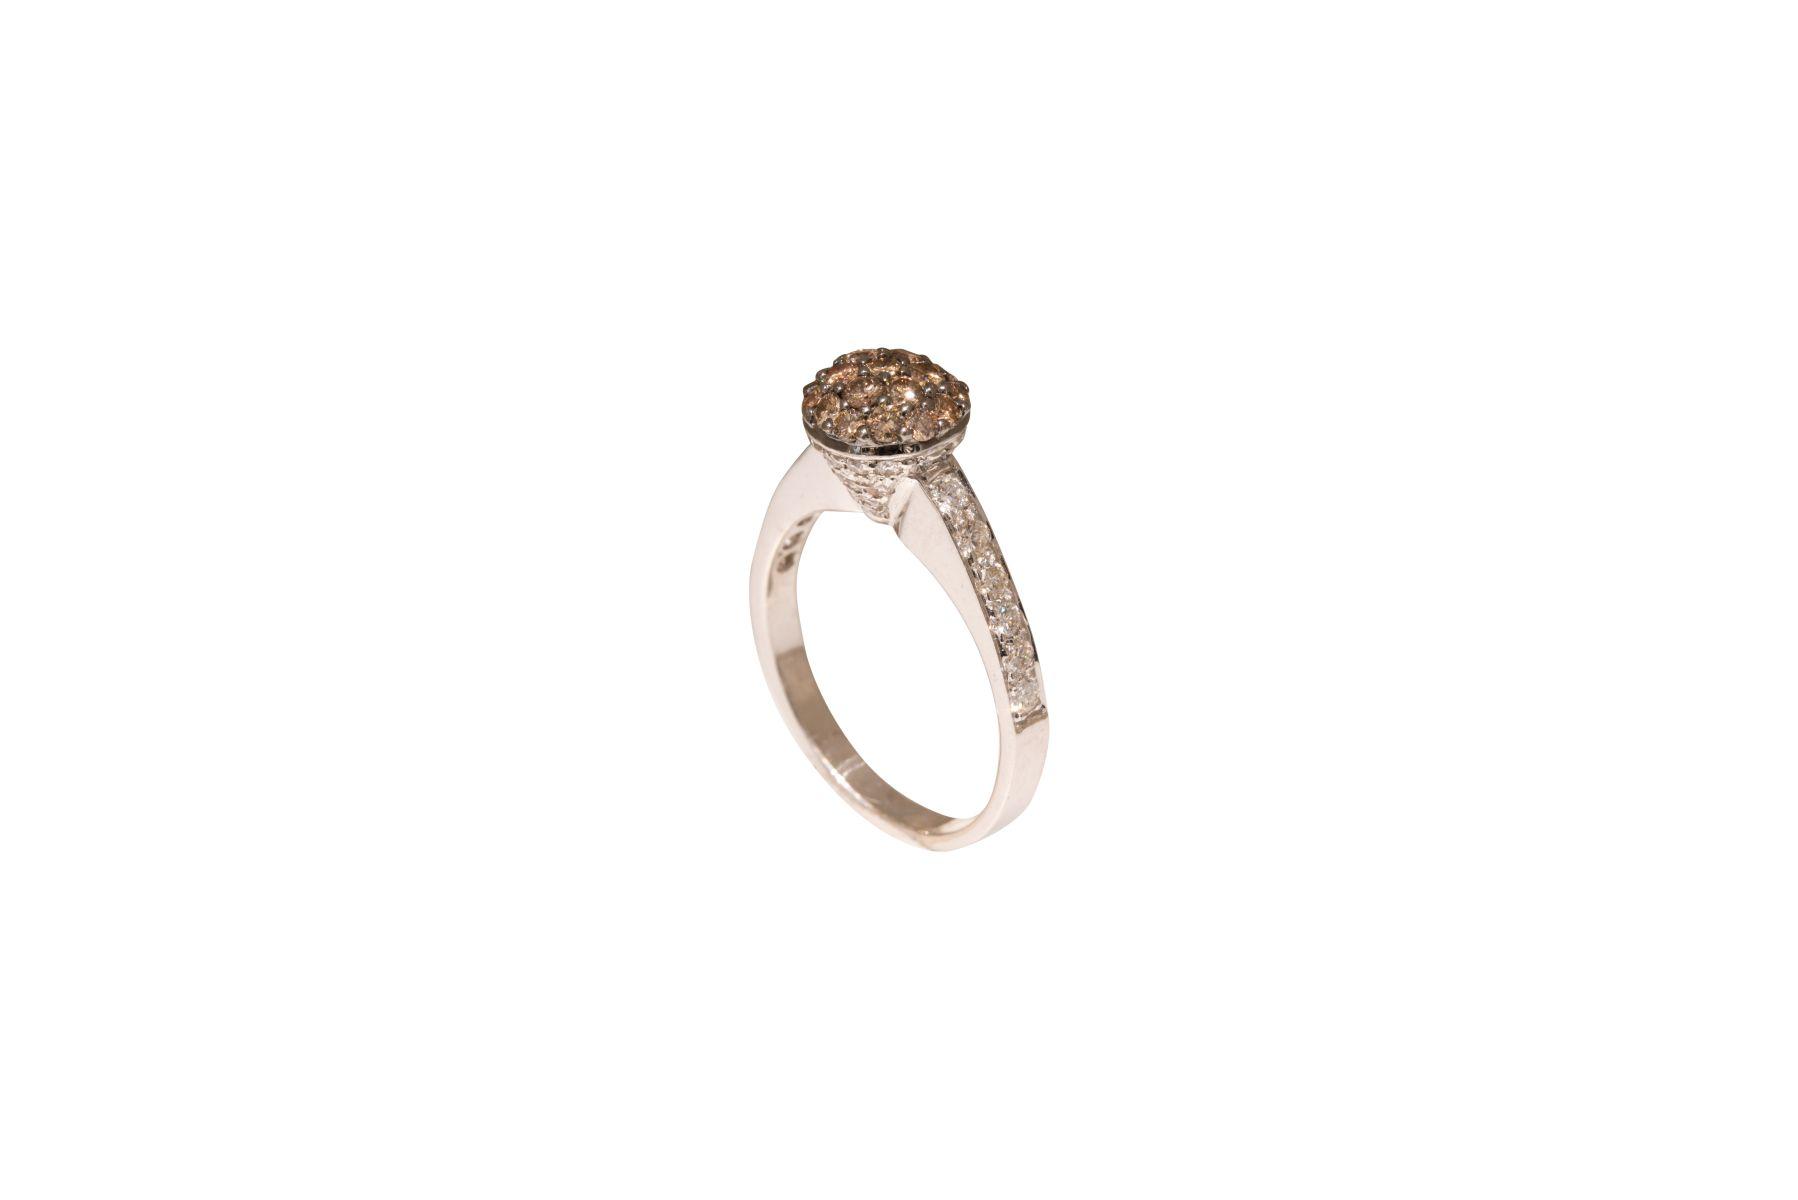 #176 Ring | Ring Image